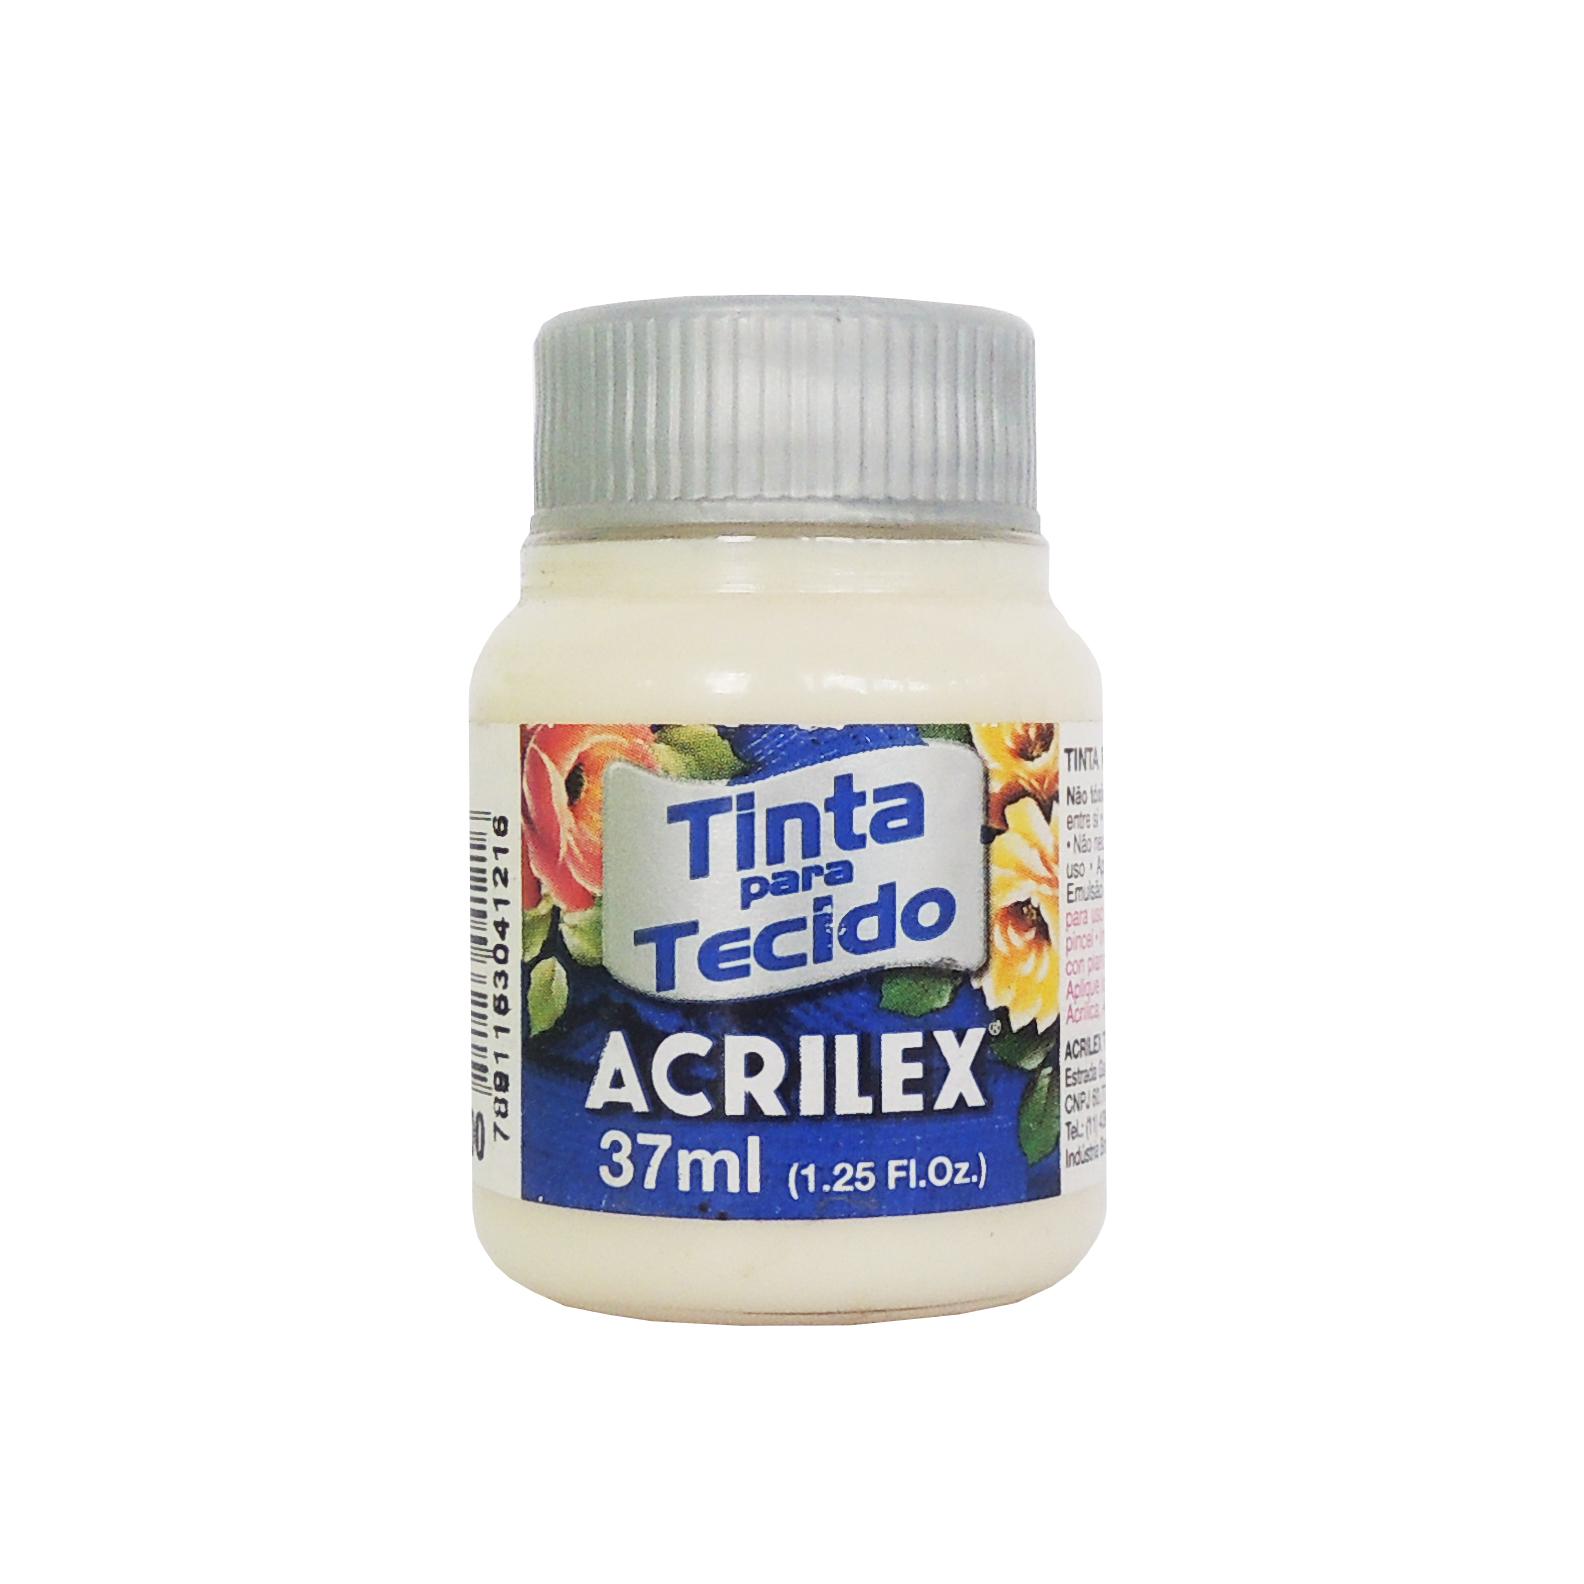 Tinta-para-Tecido-Acrilex-37-ml-500-Clareador